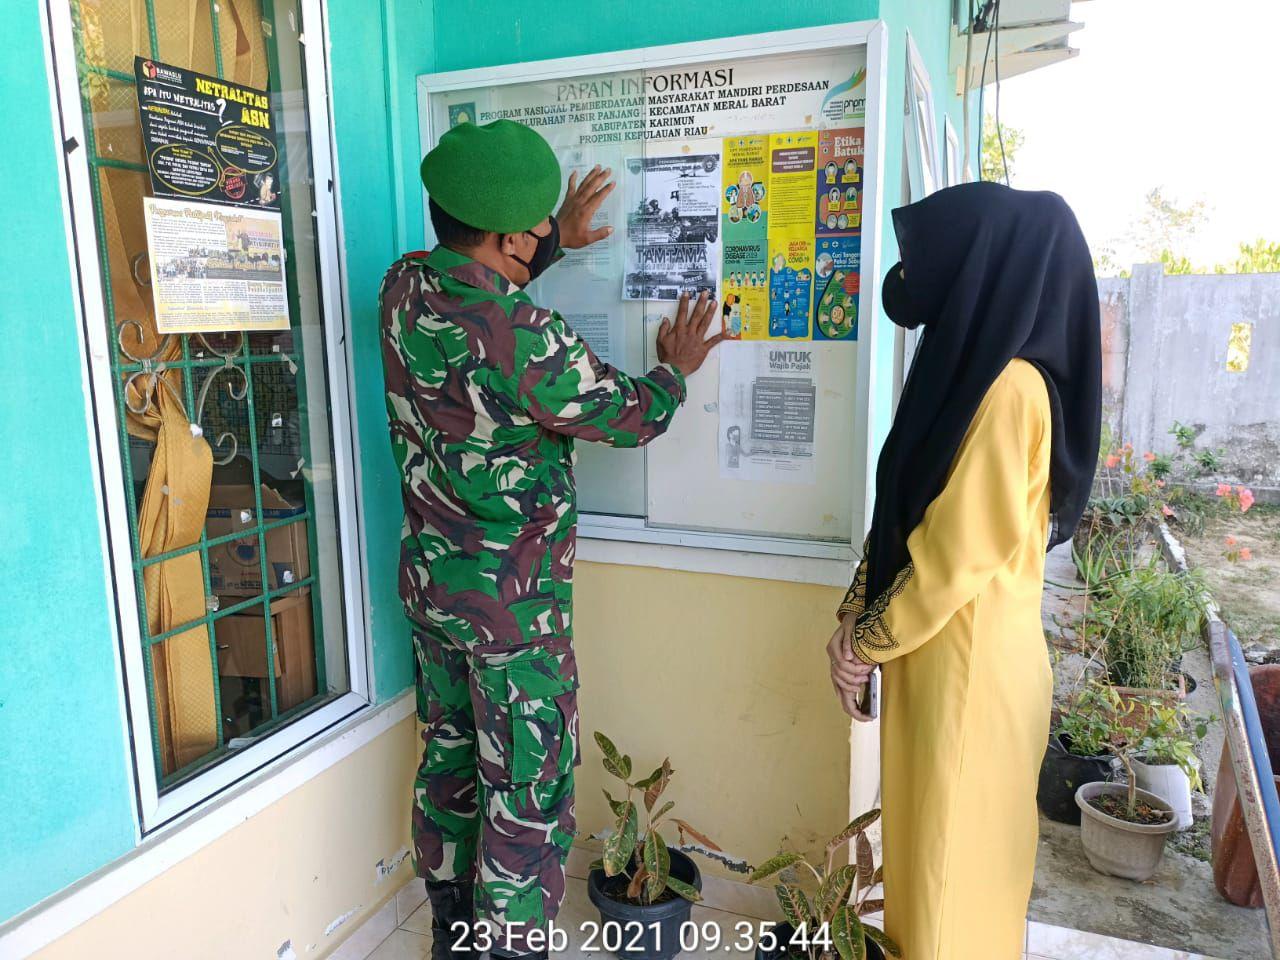 Foto Kodim 0317, Kodim TBK, Penerimaan Prajurit TNI AL, penerimaan tamtama